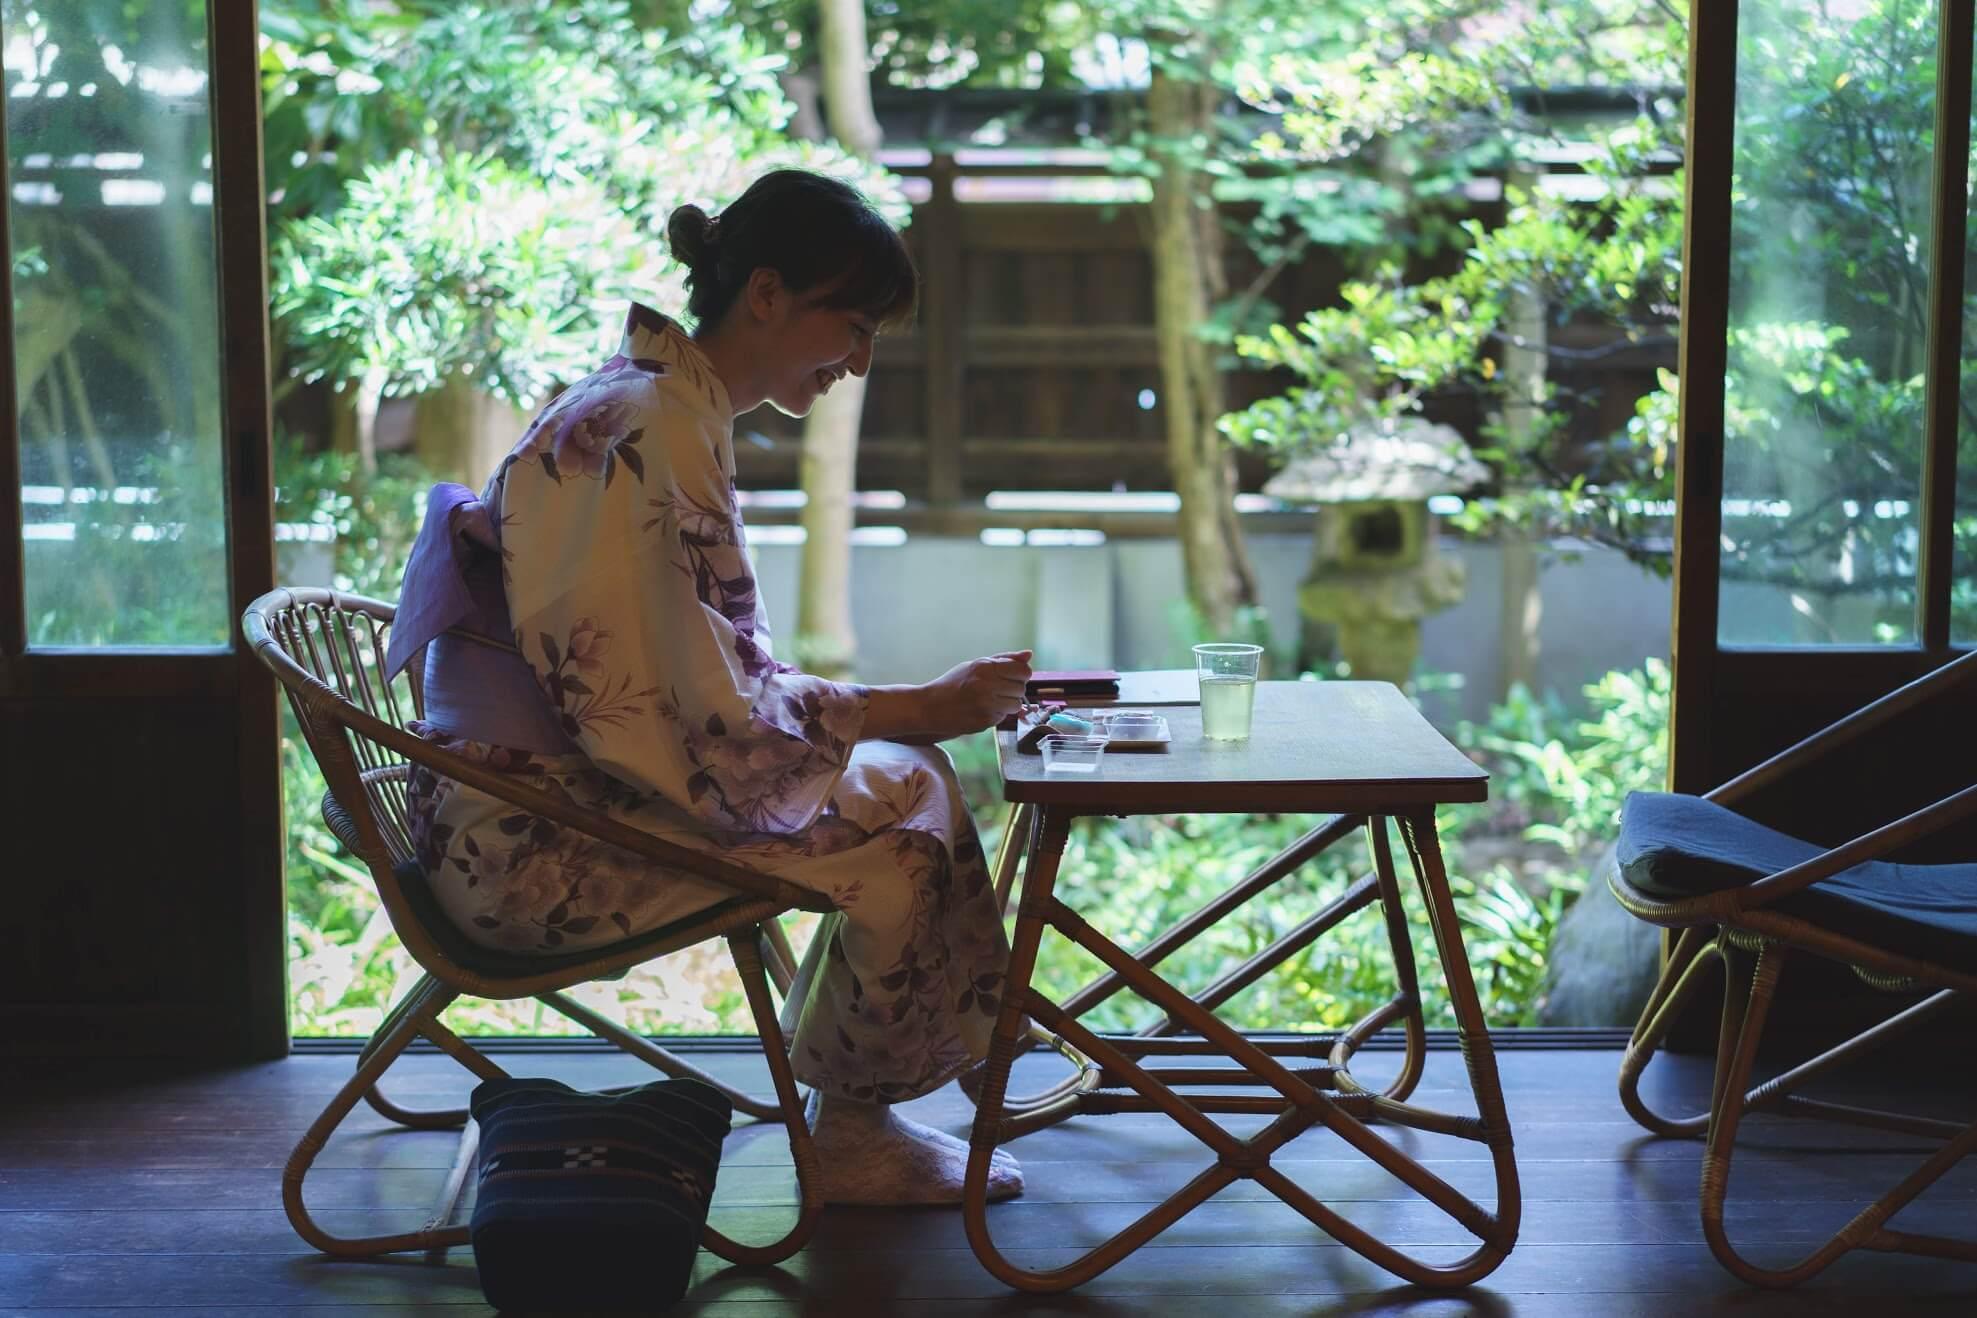 和菓子×縁側付き古民家 憧れの夏の過ごし方はこれだった。